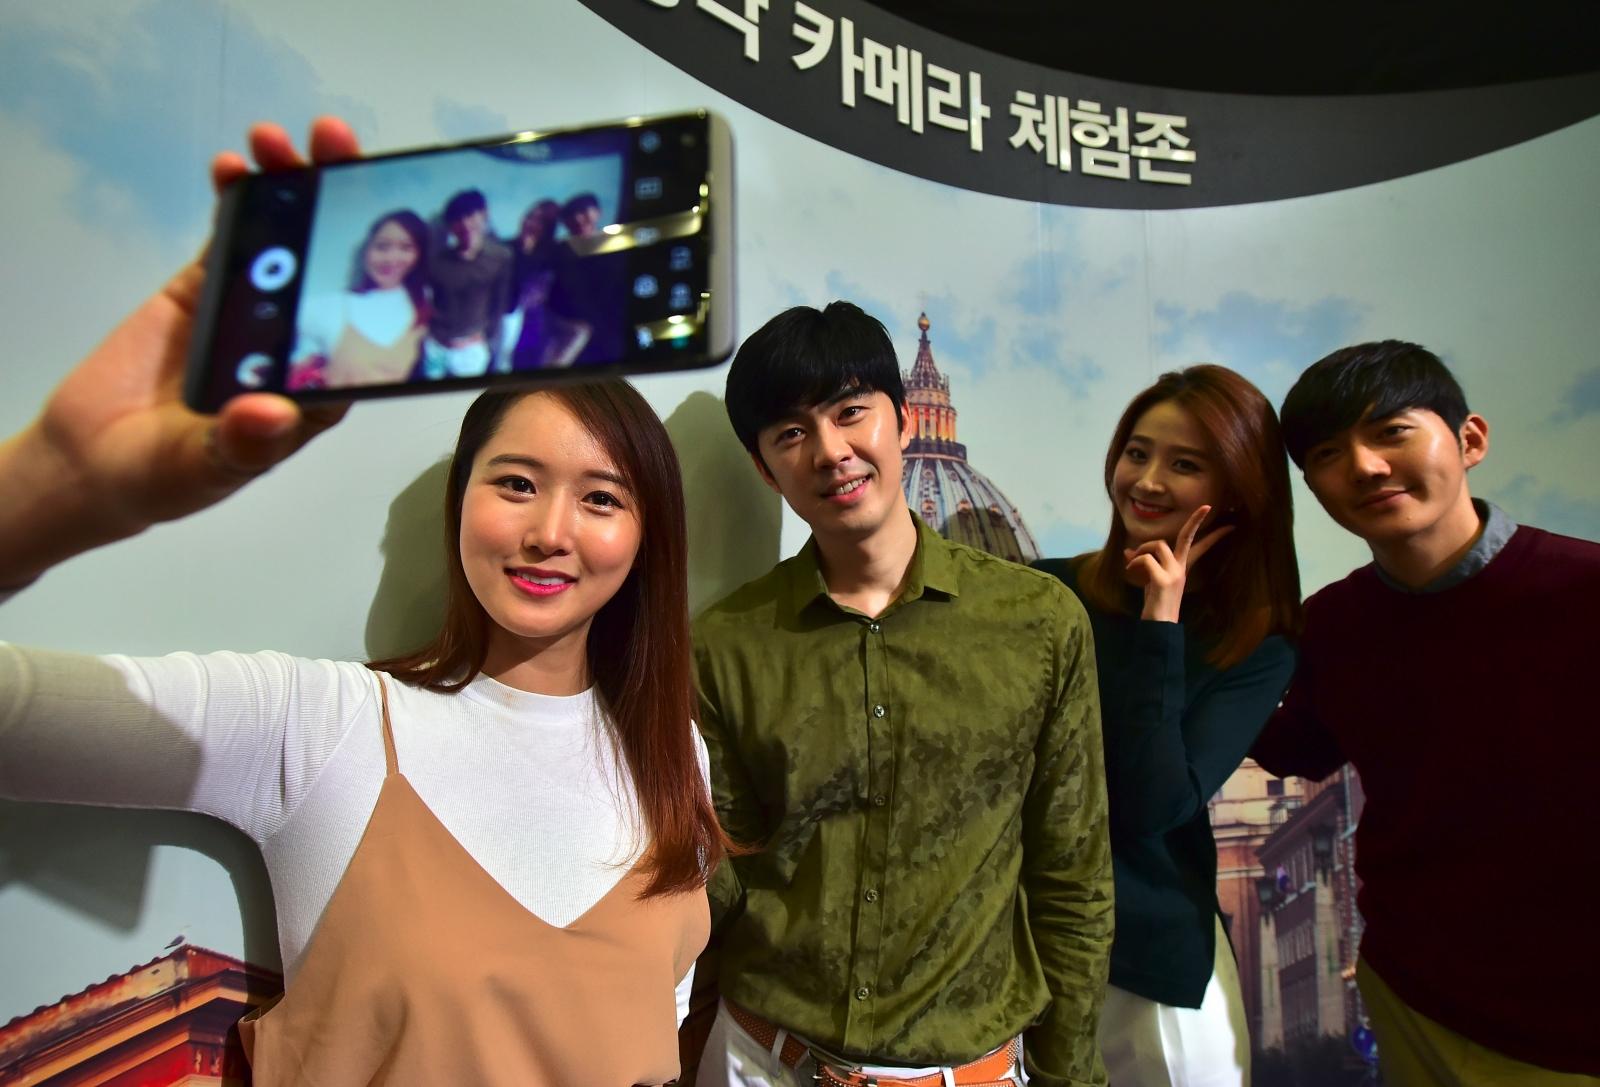 LG V30 launch invite